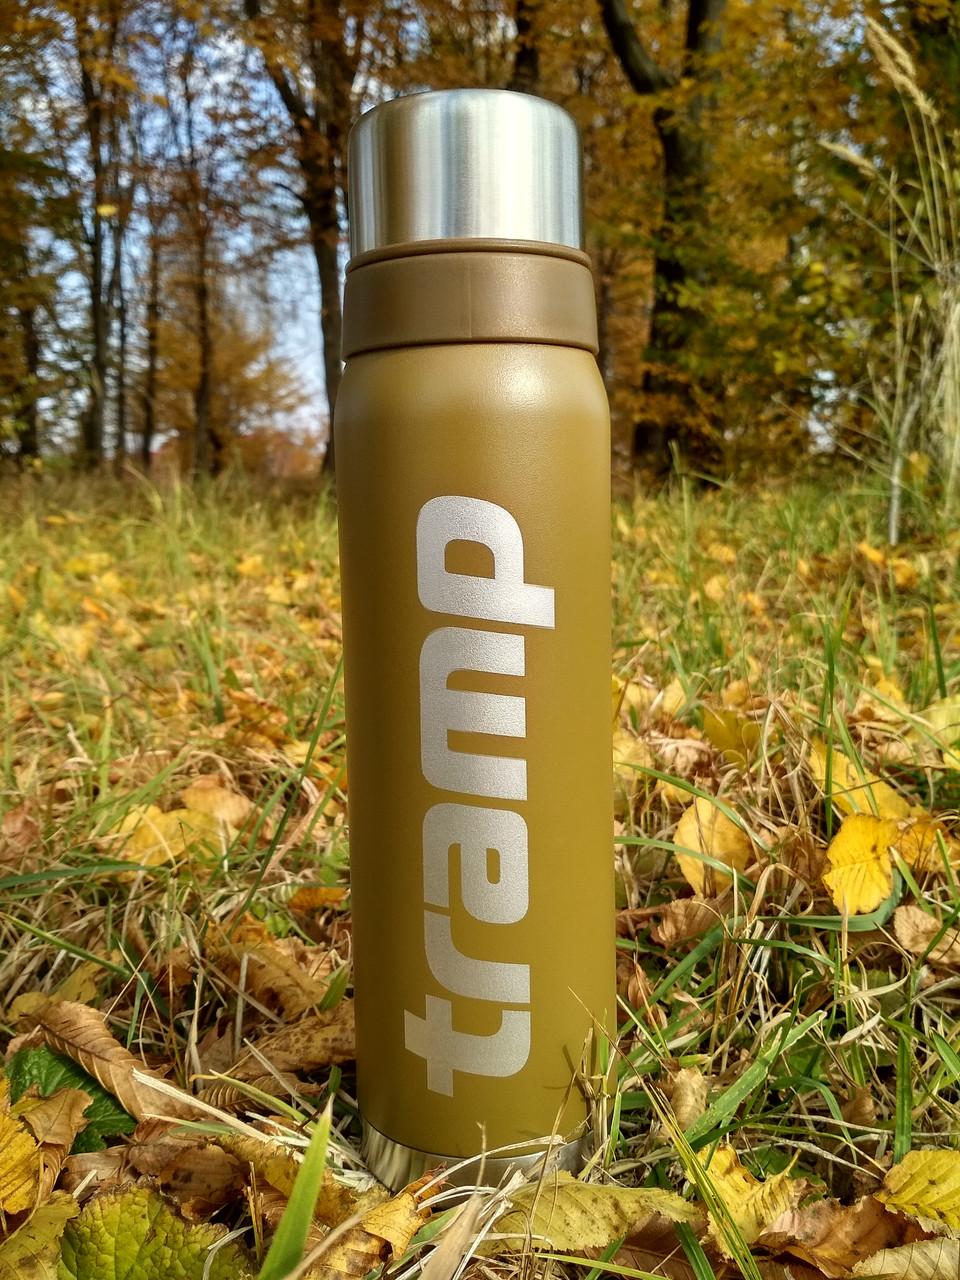 Термос Tramp 0.9л. оливковий TRC-027-olive. Термосы термокружки. Термос трамп